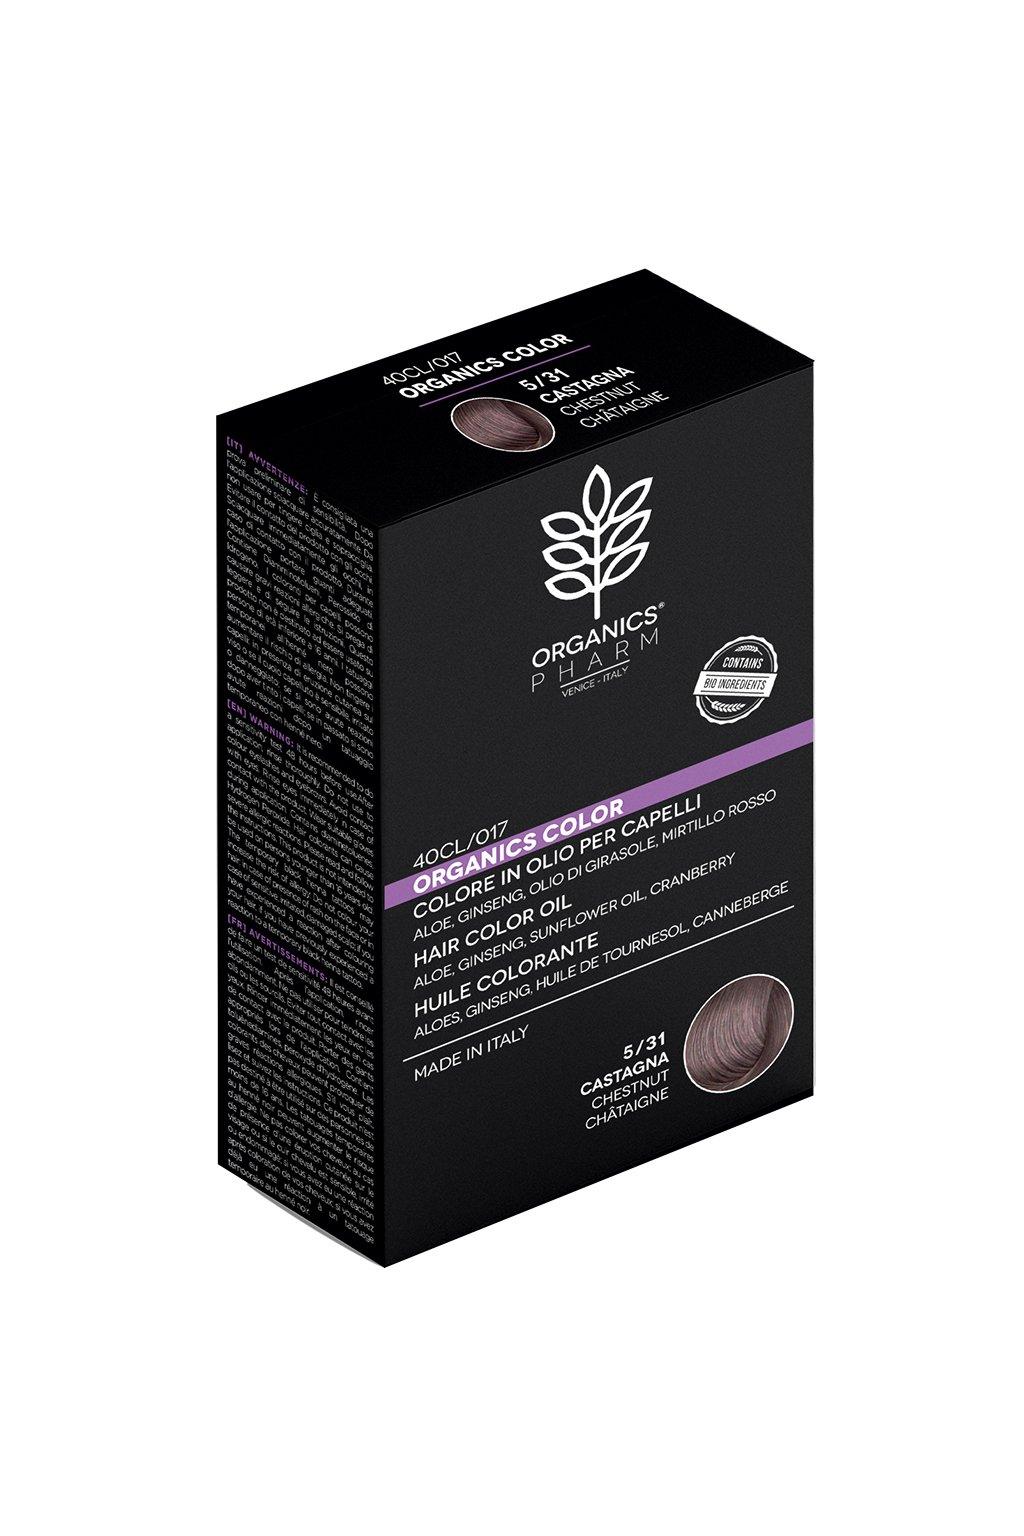 ORGANICS PHARM Organics Color Hair Color Oil 122ml 5 31 Chestnut